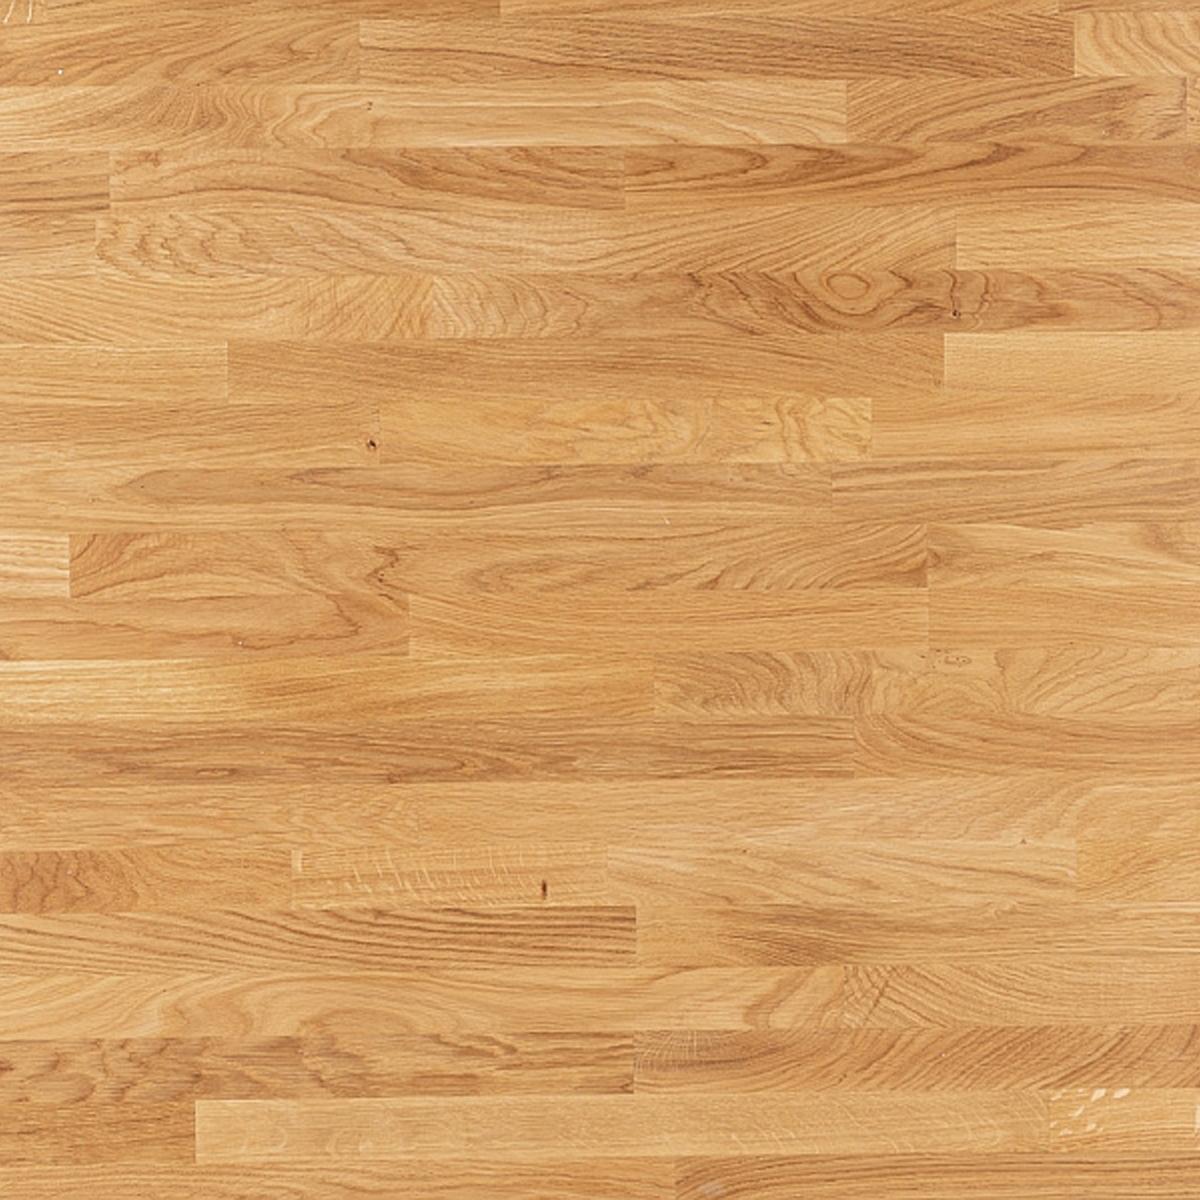 Esstisch Massivholz Vitravo